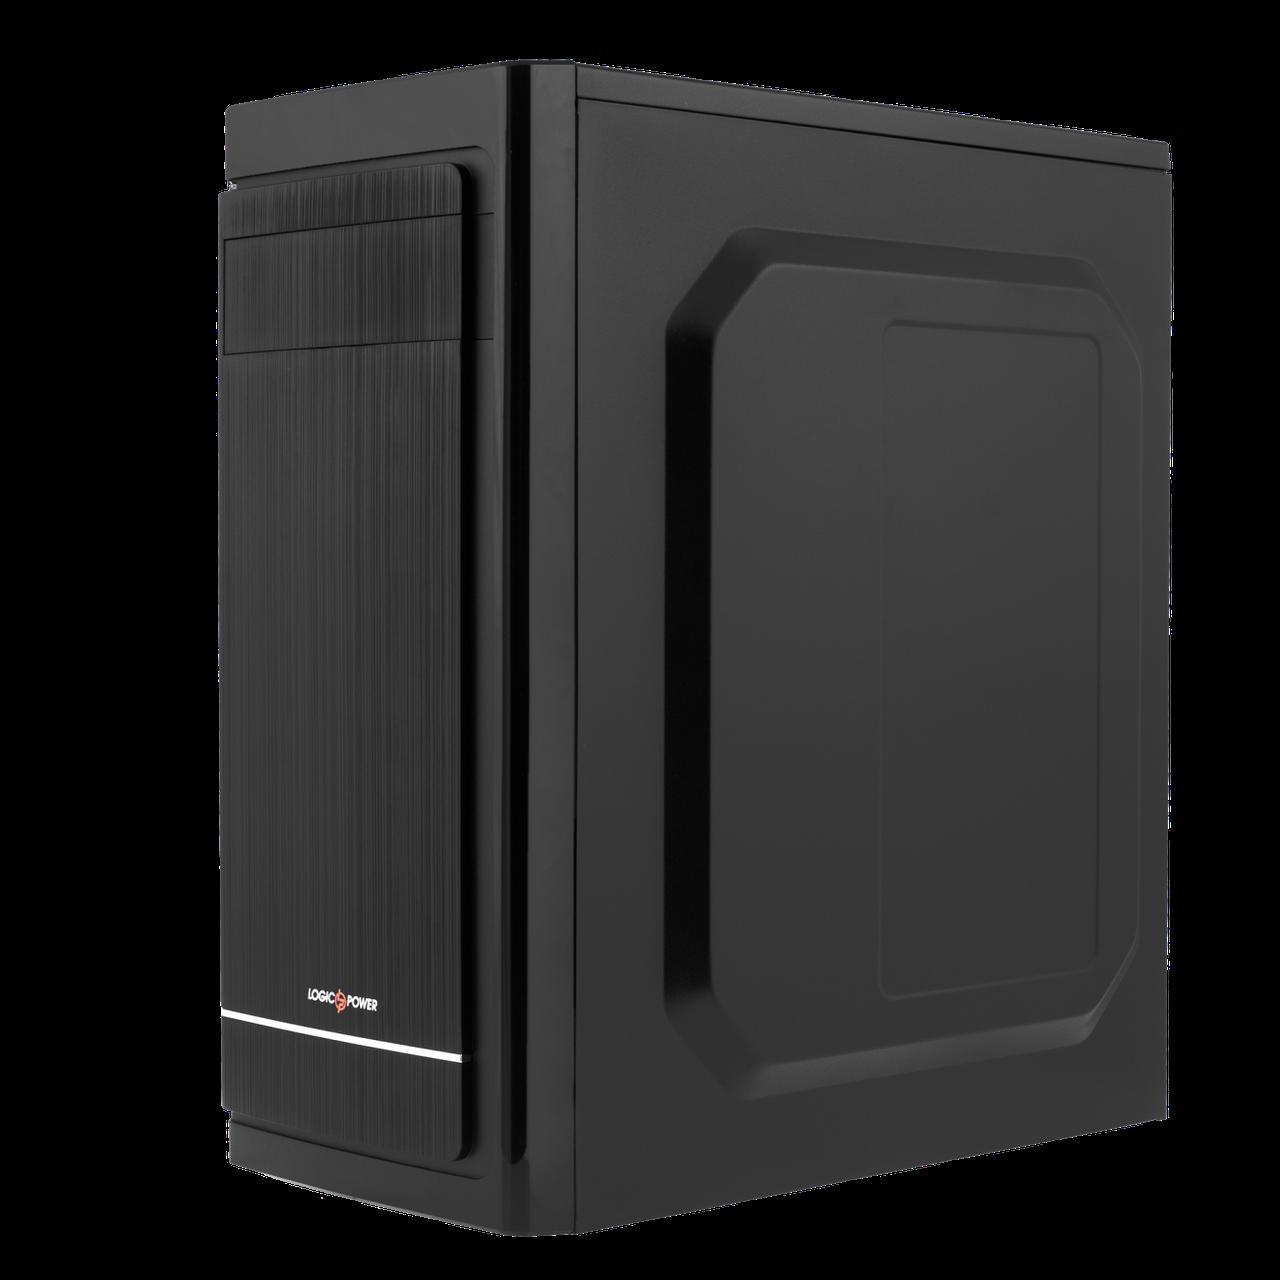 Корпус LP 2006-500W 12см black case chassis cover